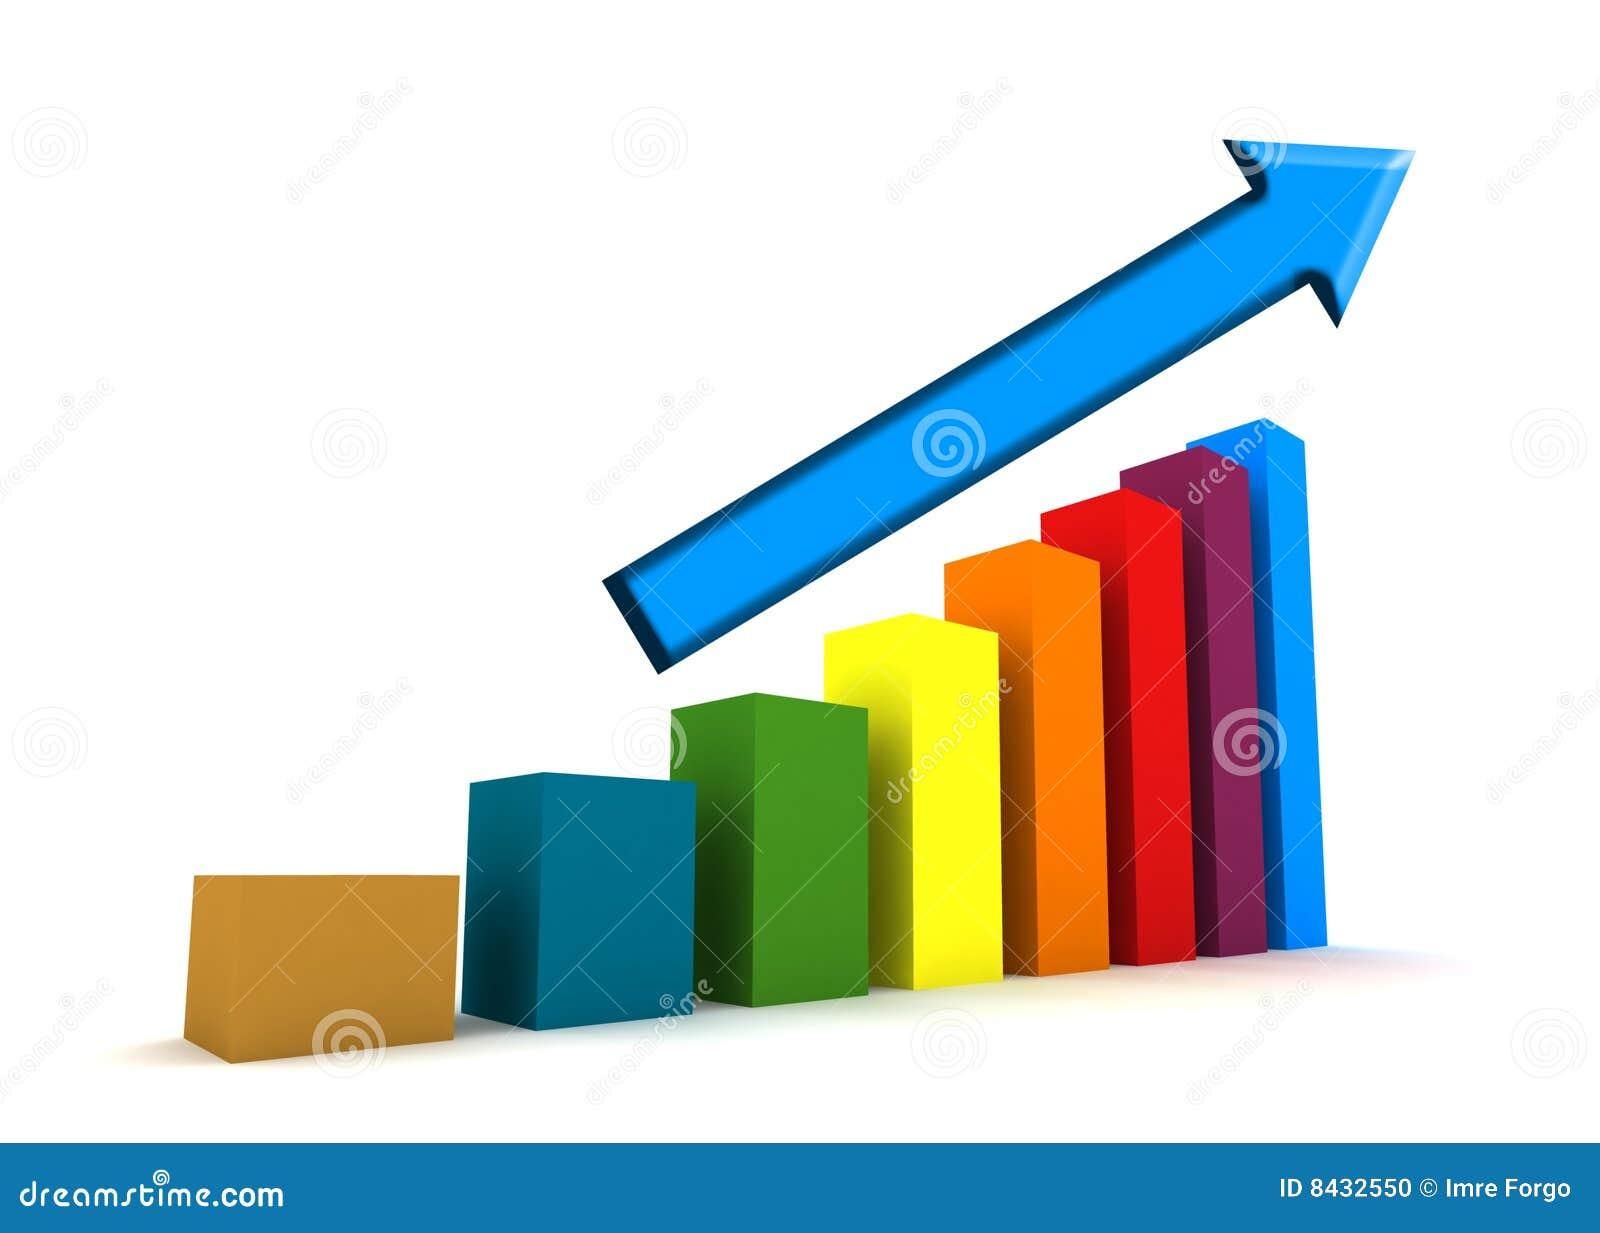 Statistics - 3d isolated diagram